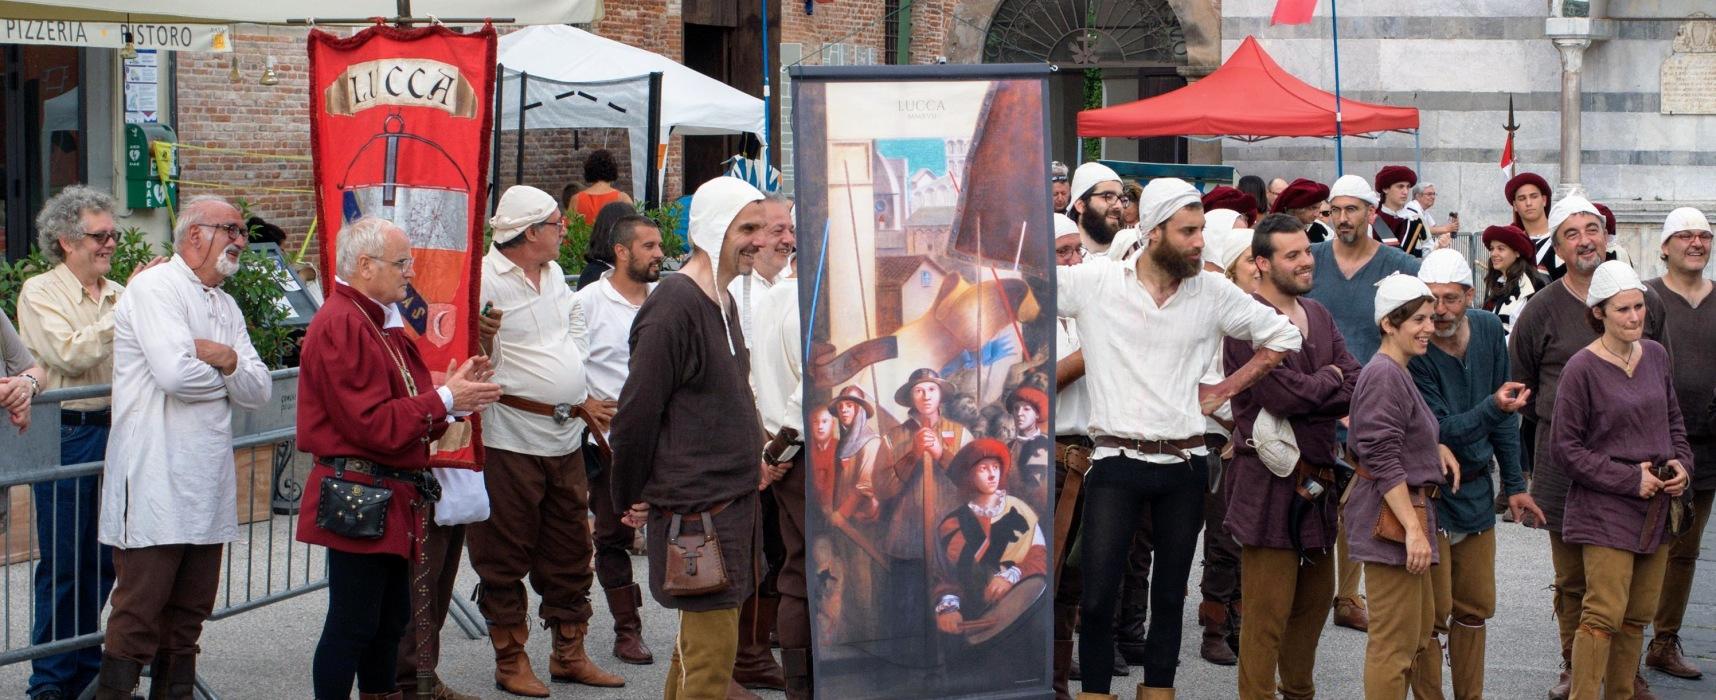 I balestrieri di San Paolino si riconfermano a Lucca Medievale